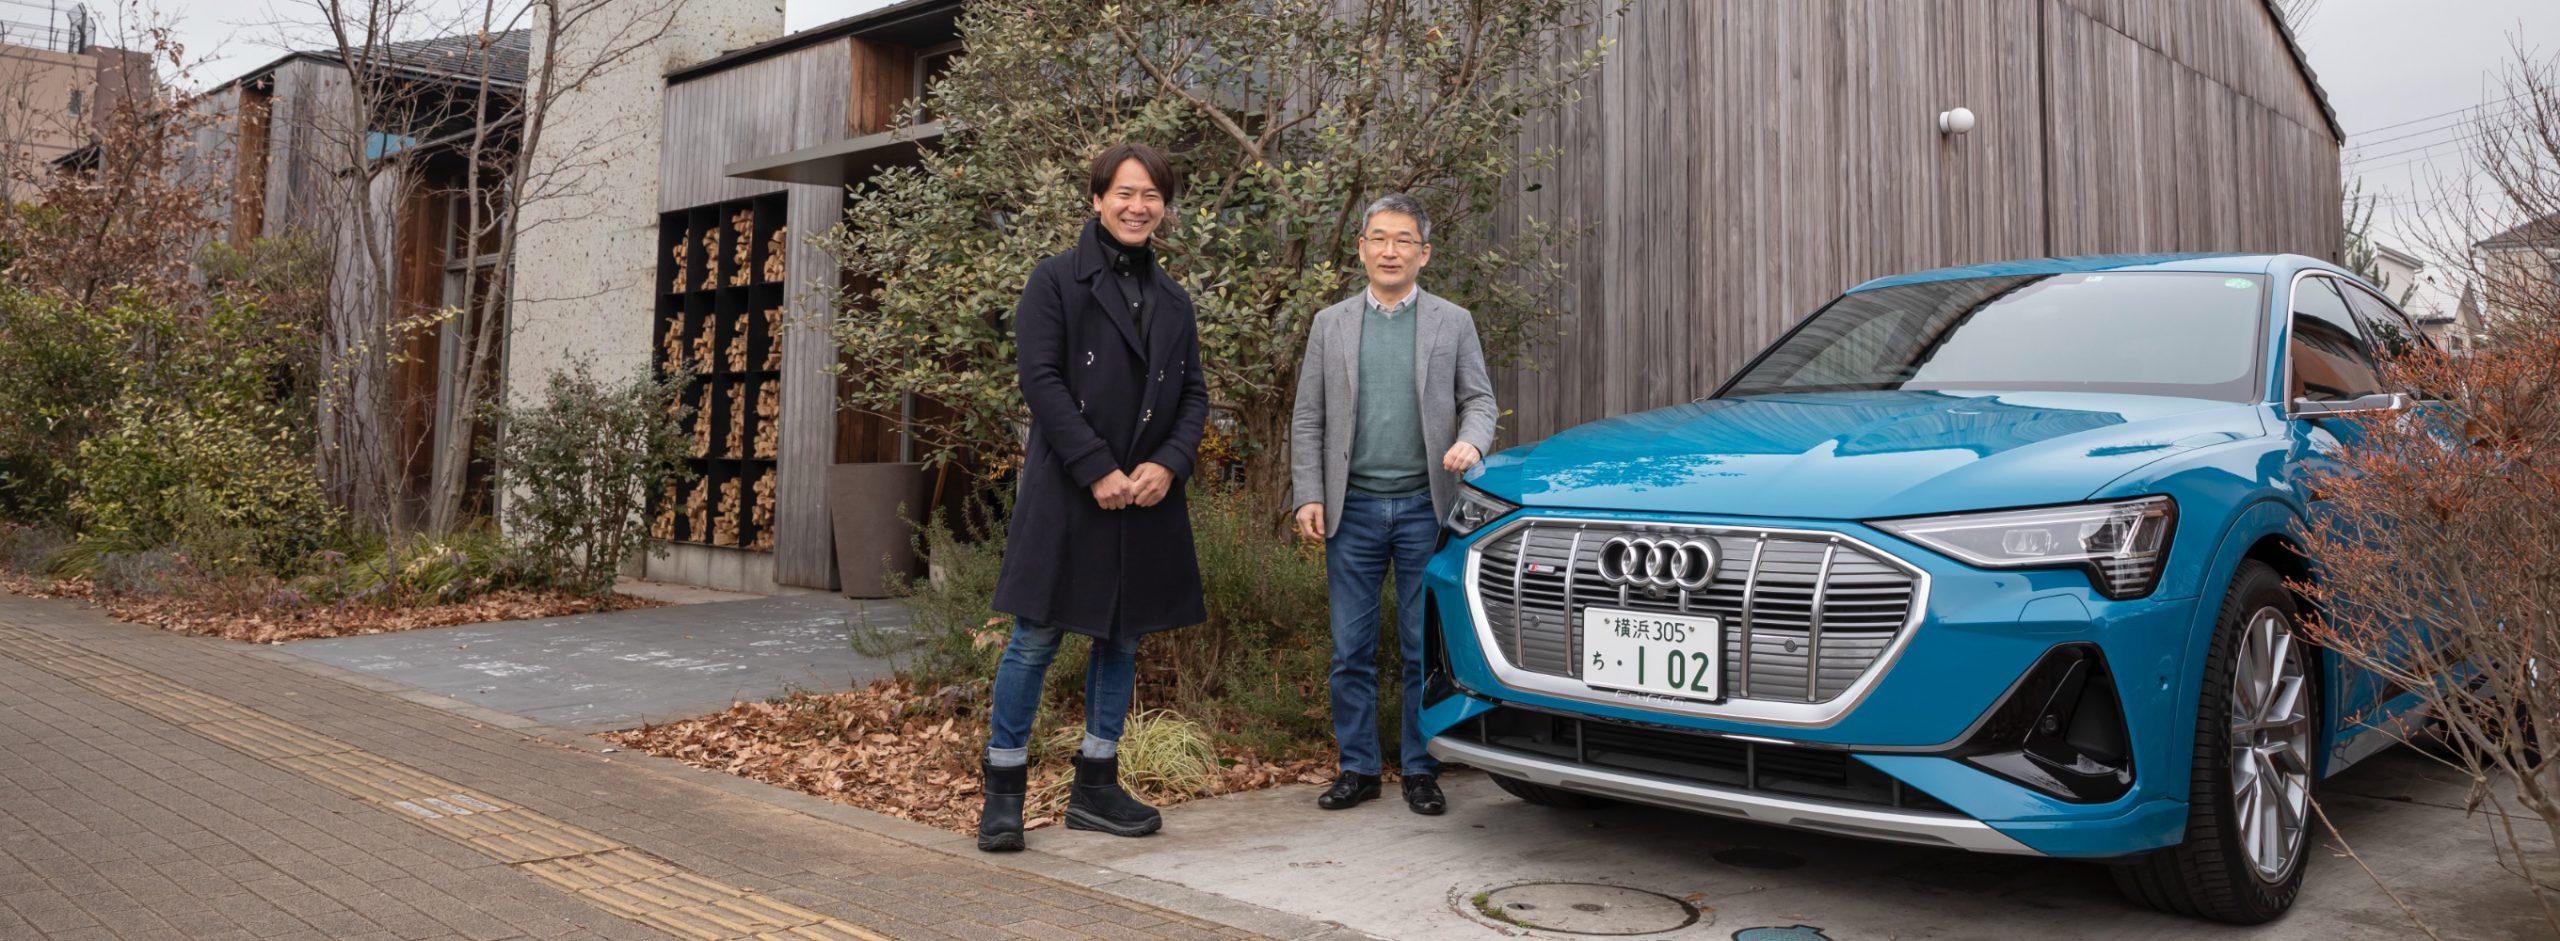 アウディの最新EV「e-tron Sportback」で緑豊な薪火料理の店へドライブ